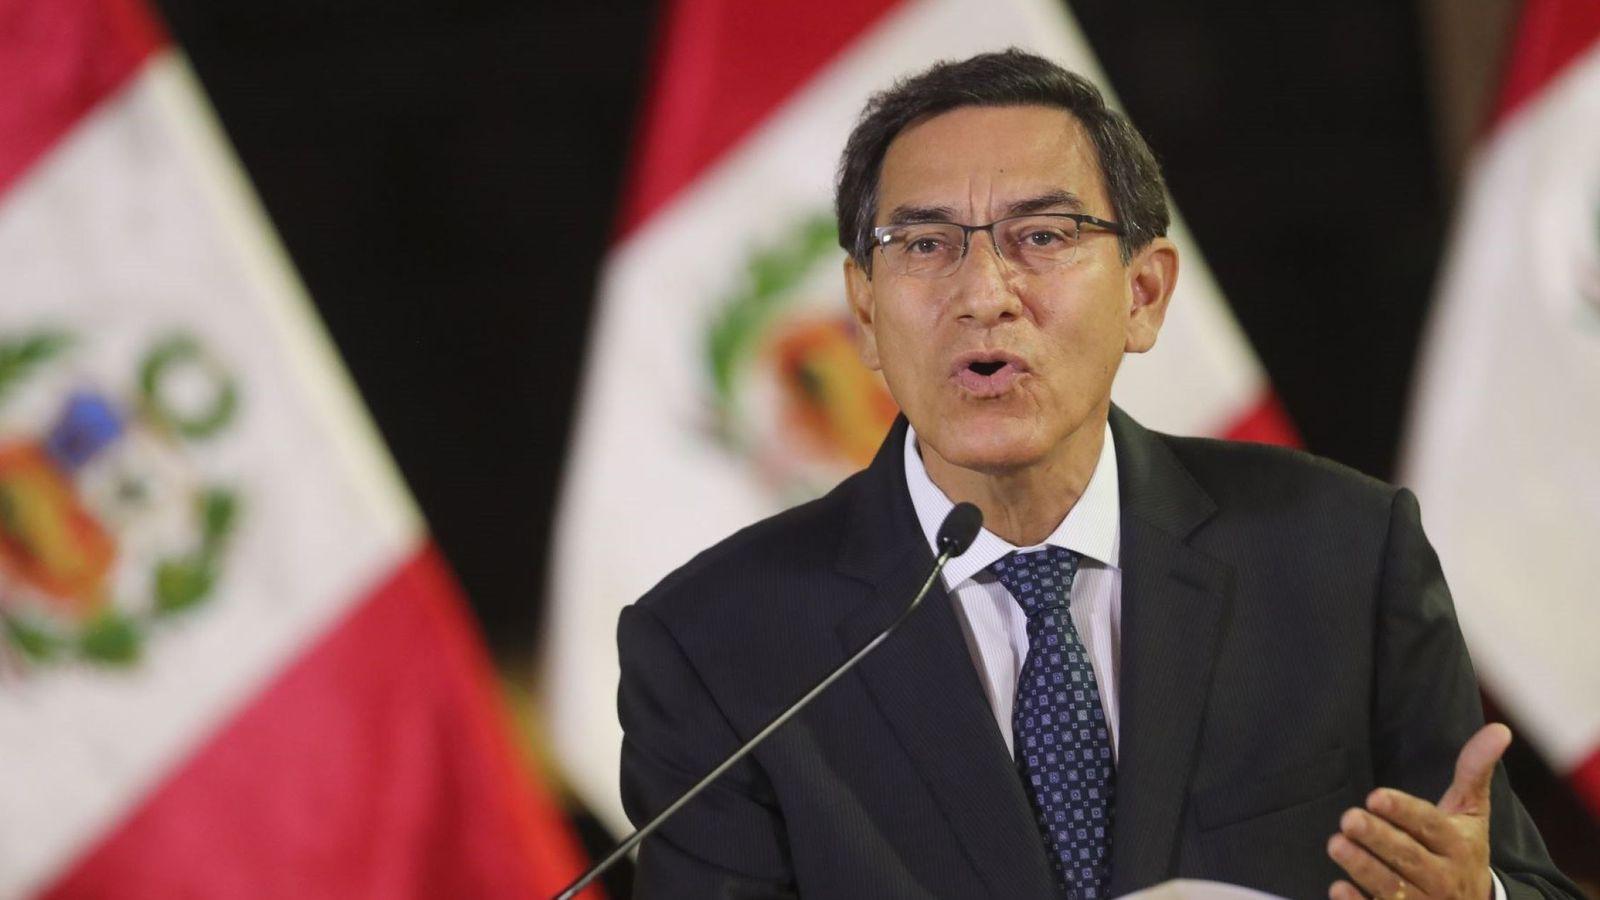 Foto: El presidente de Perú, Marín Vizcarra, mientras anuncia la disolución del Congreso. (EFE)